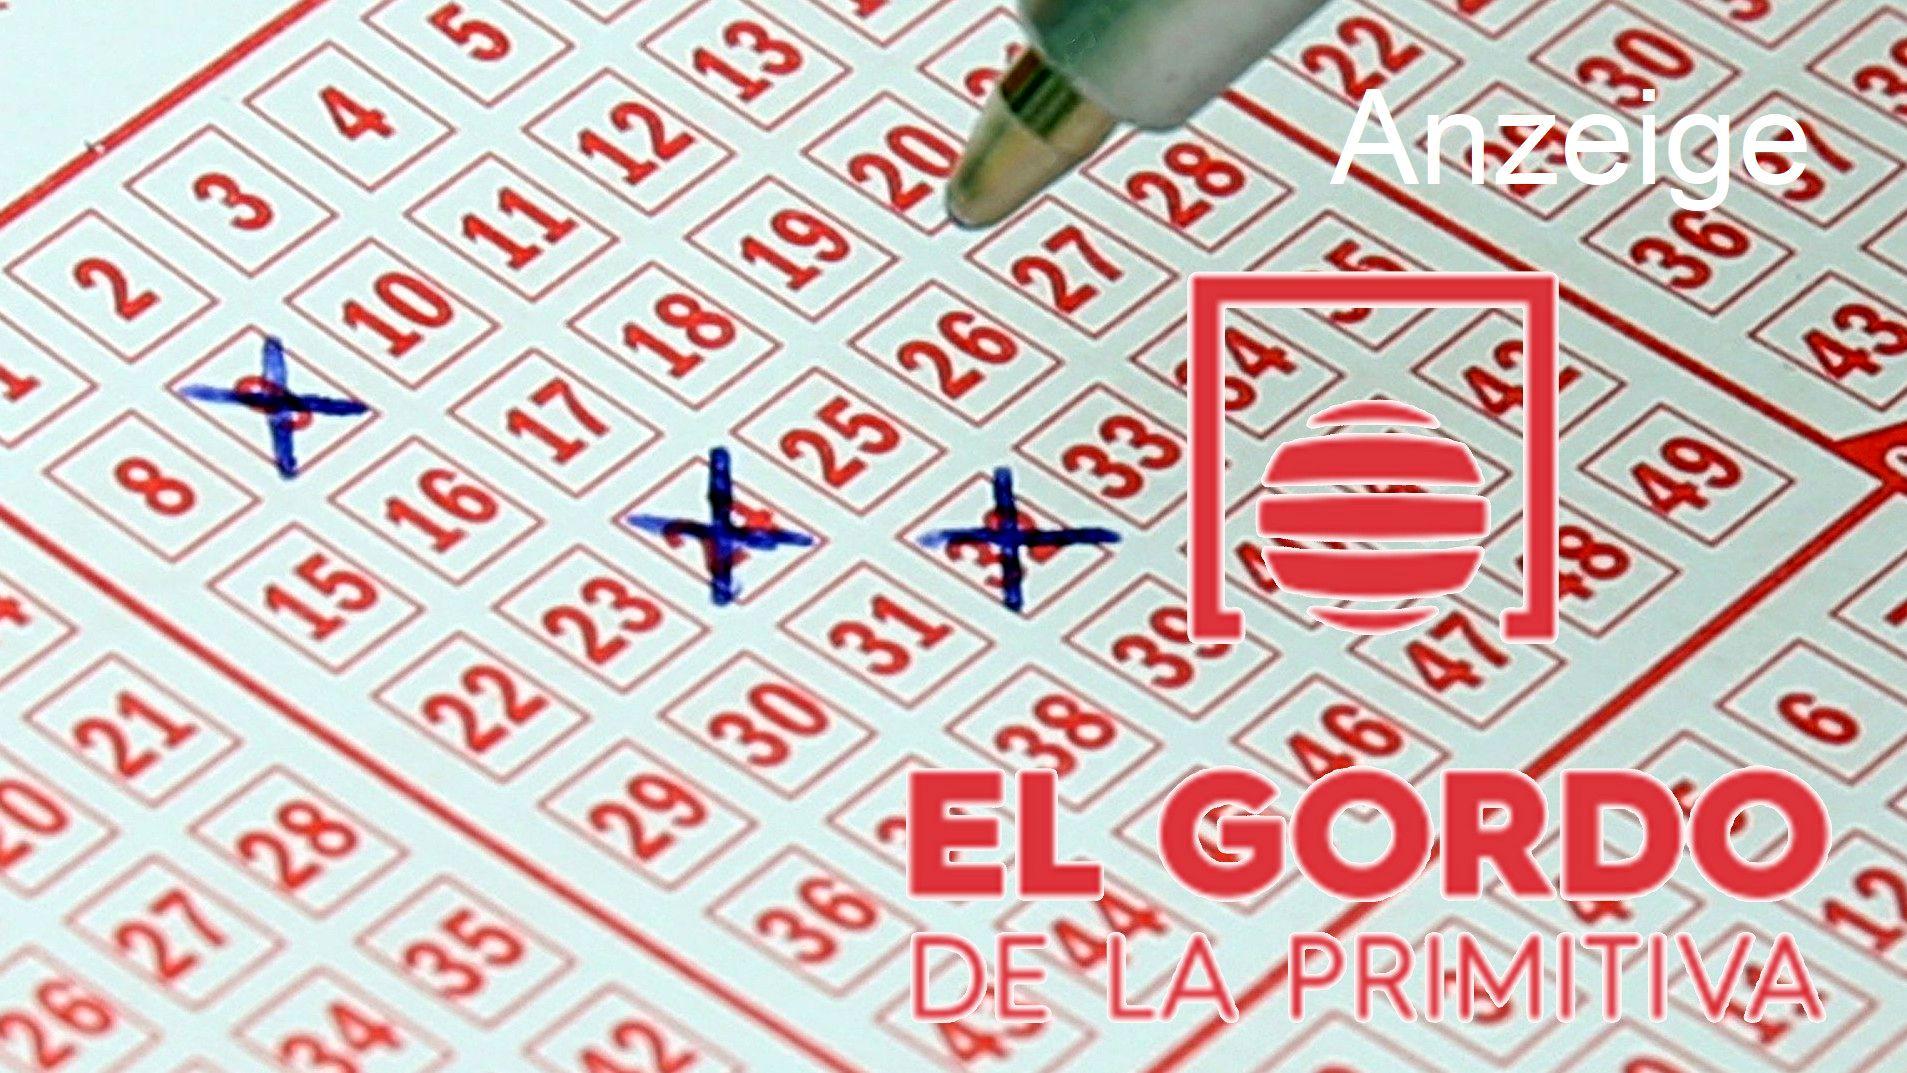 Zu Weihnachten den Jackpot knacken: die spanische Weihnachtslotterie El Gordo